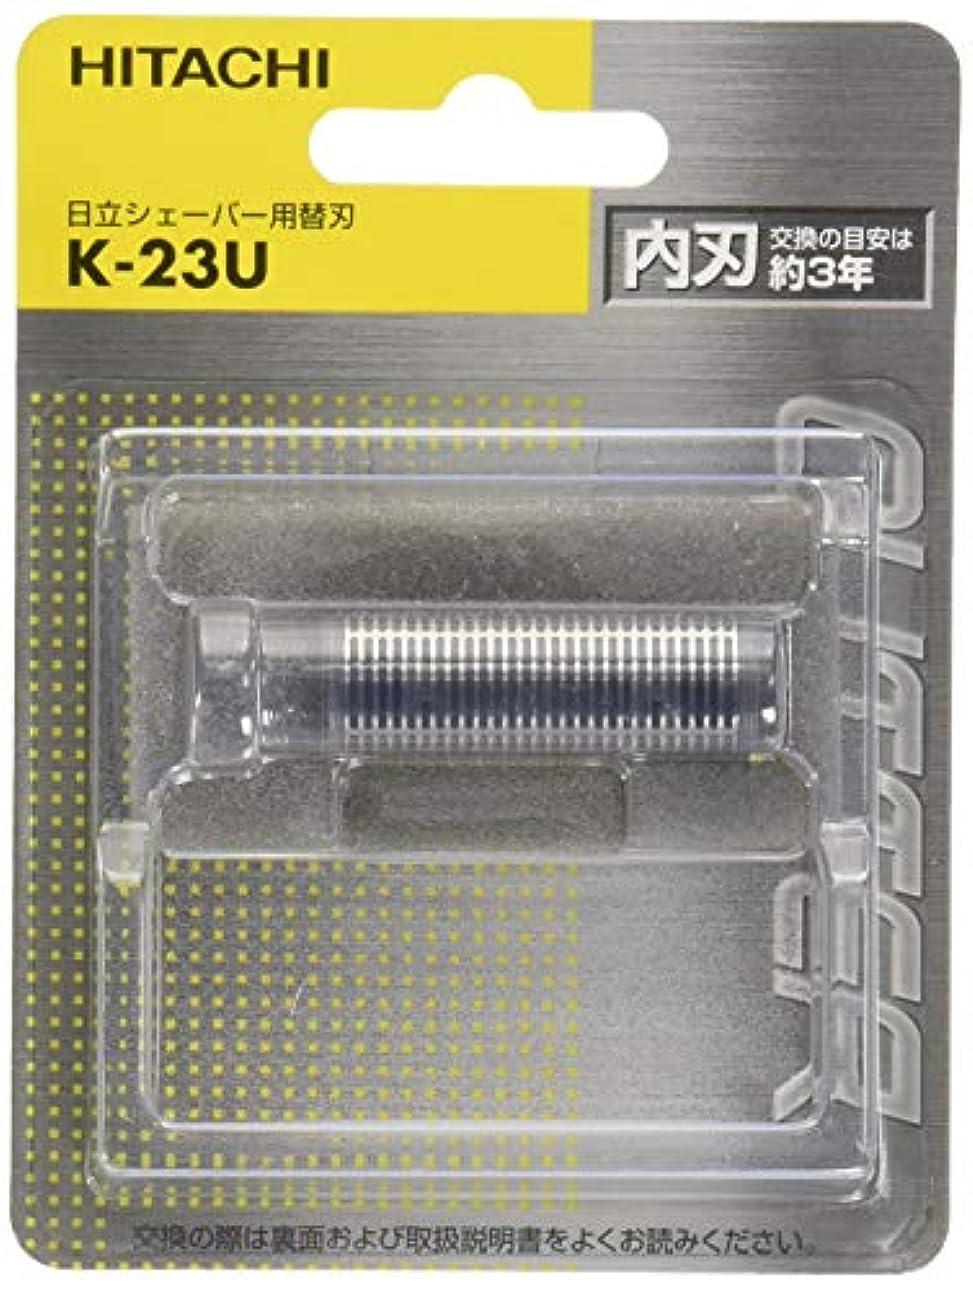 ユーモア排除する壊れた日立 メンズシェーバー用替刃(内刃) K-23U